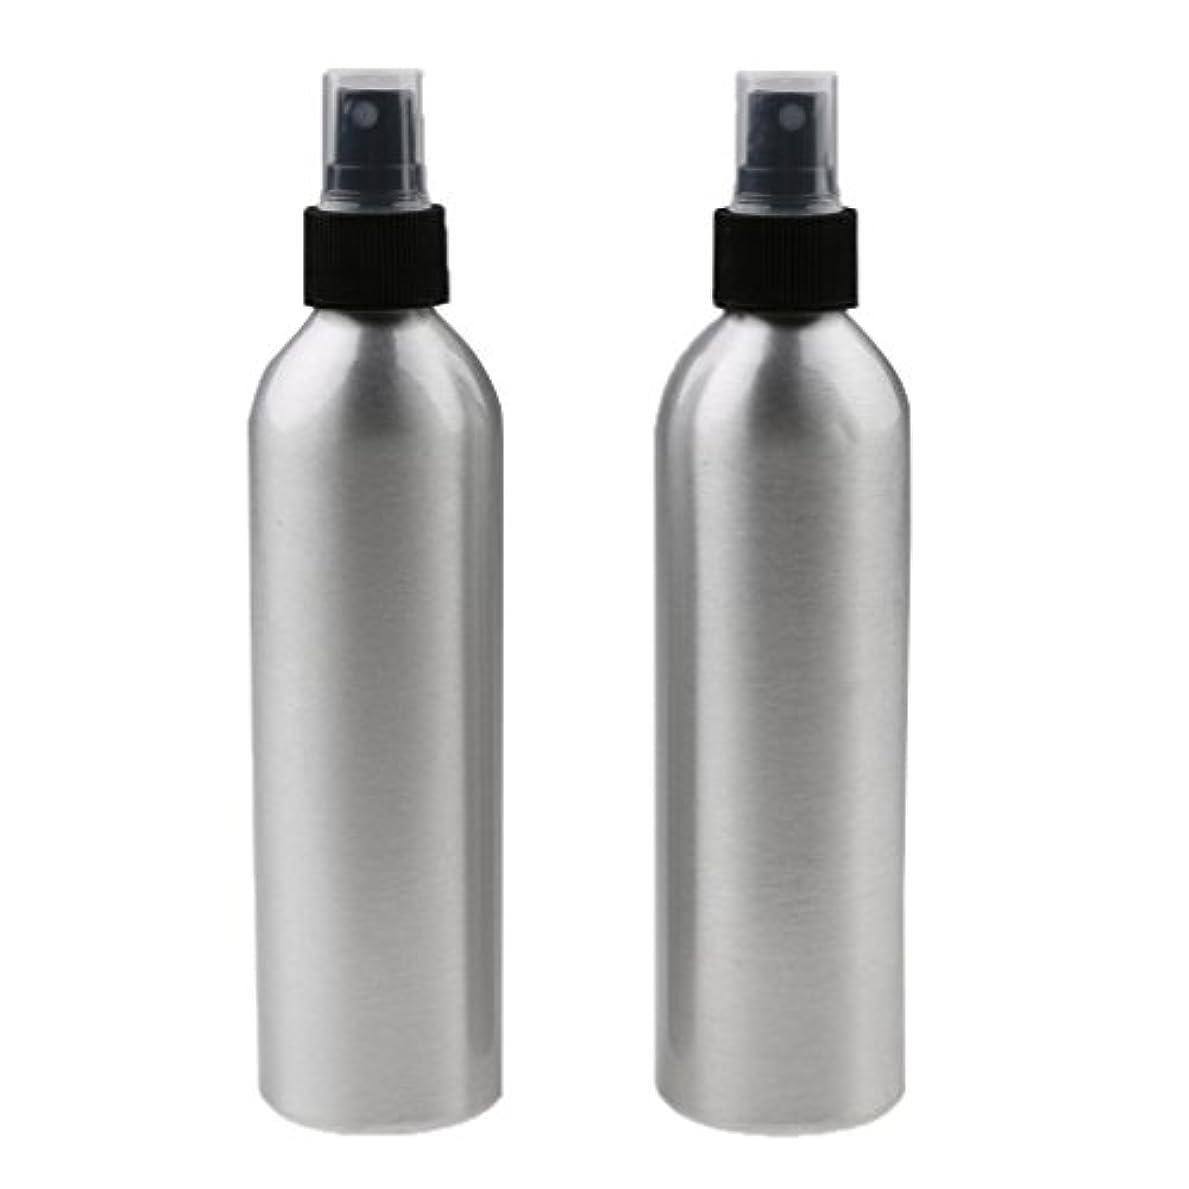 直径シェトランド諸島しみSONONIA 2個入り 旅行 アルミ ミスト スプレー 香水ボトル メイクアップ スプレー アトマイザー 小分けボトル  漏れ防止 出張 海外旅行用 全4サイズ - 100ml